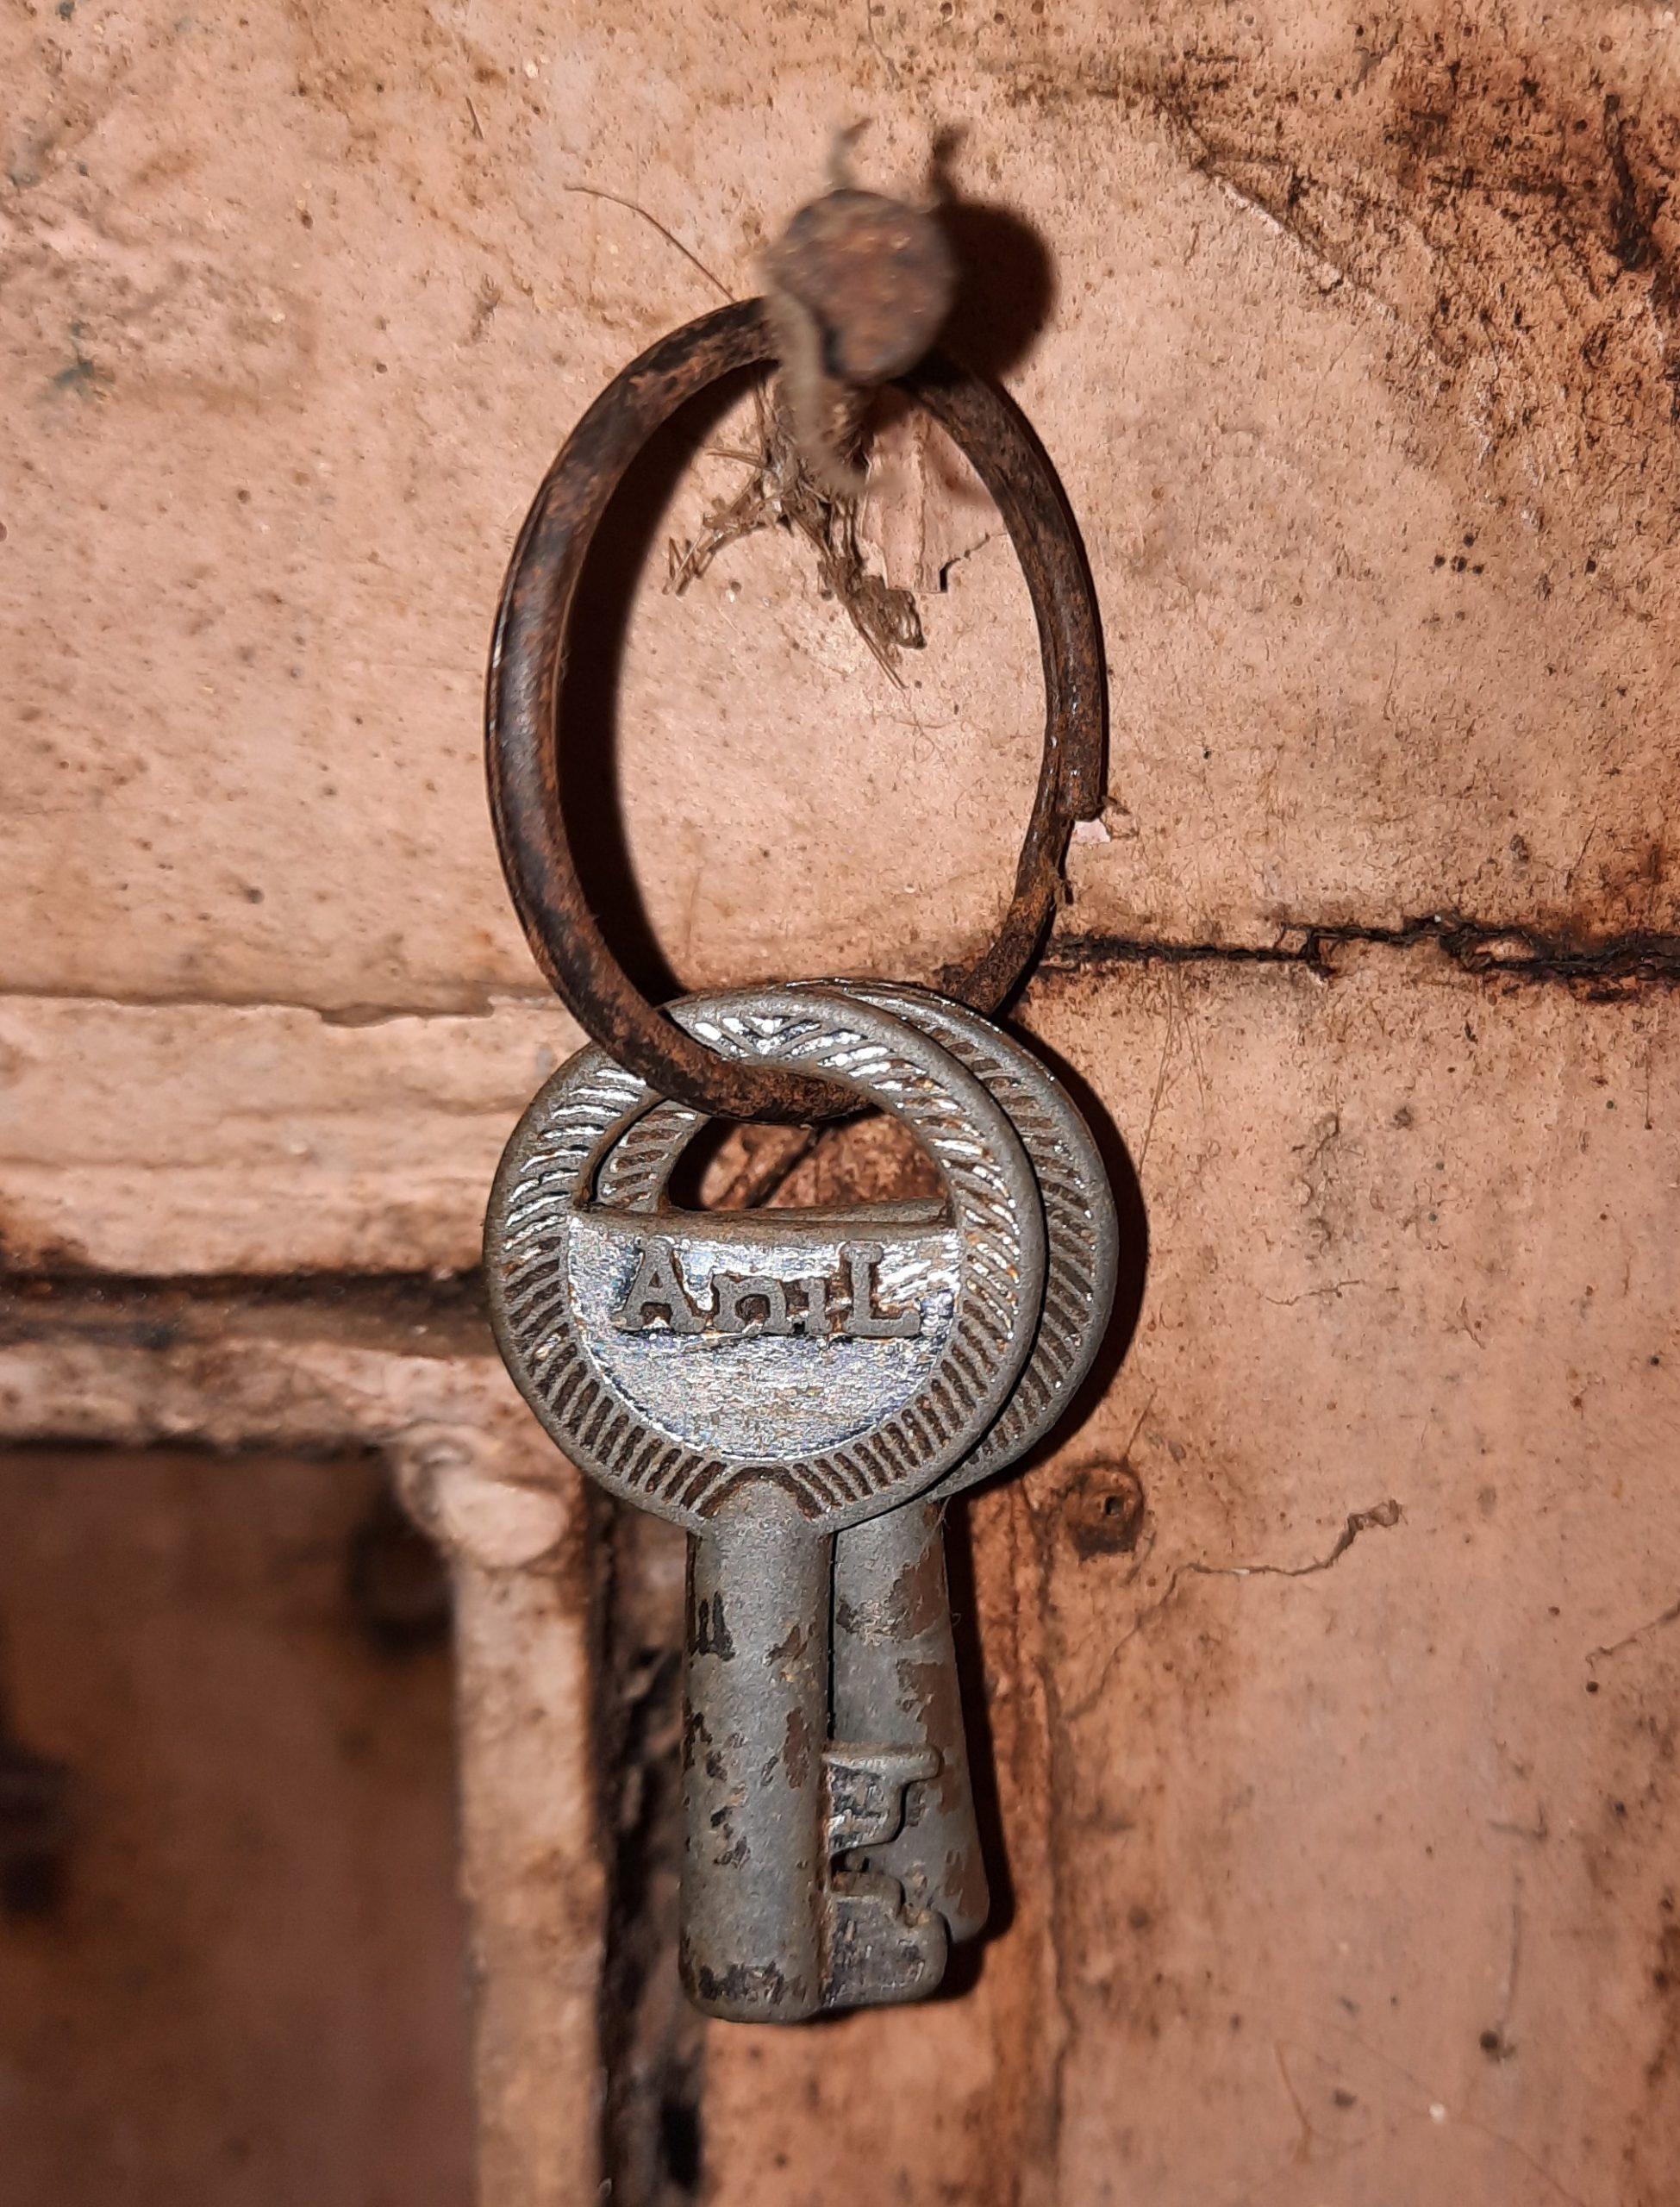 Keys hanging on a rivet